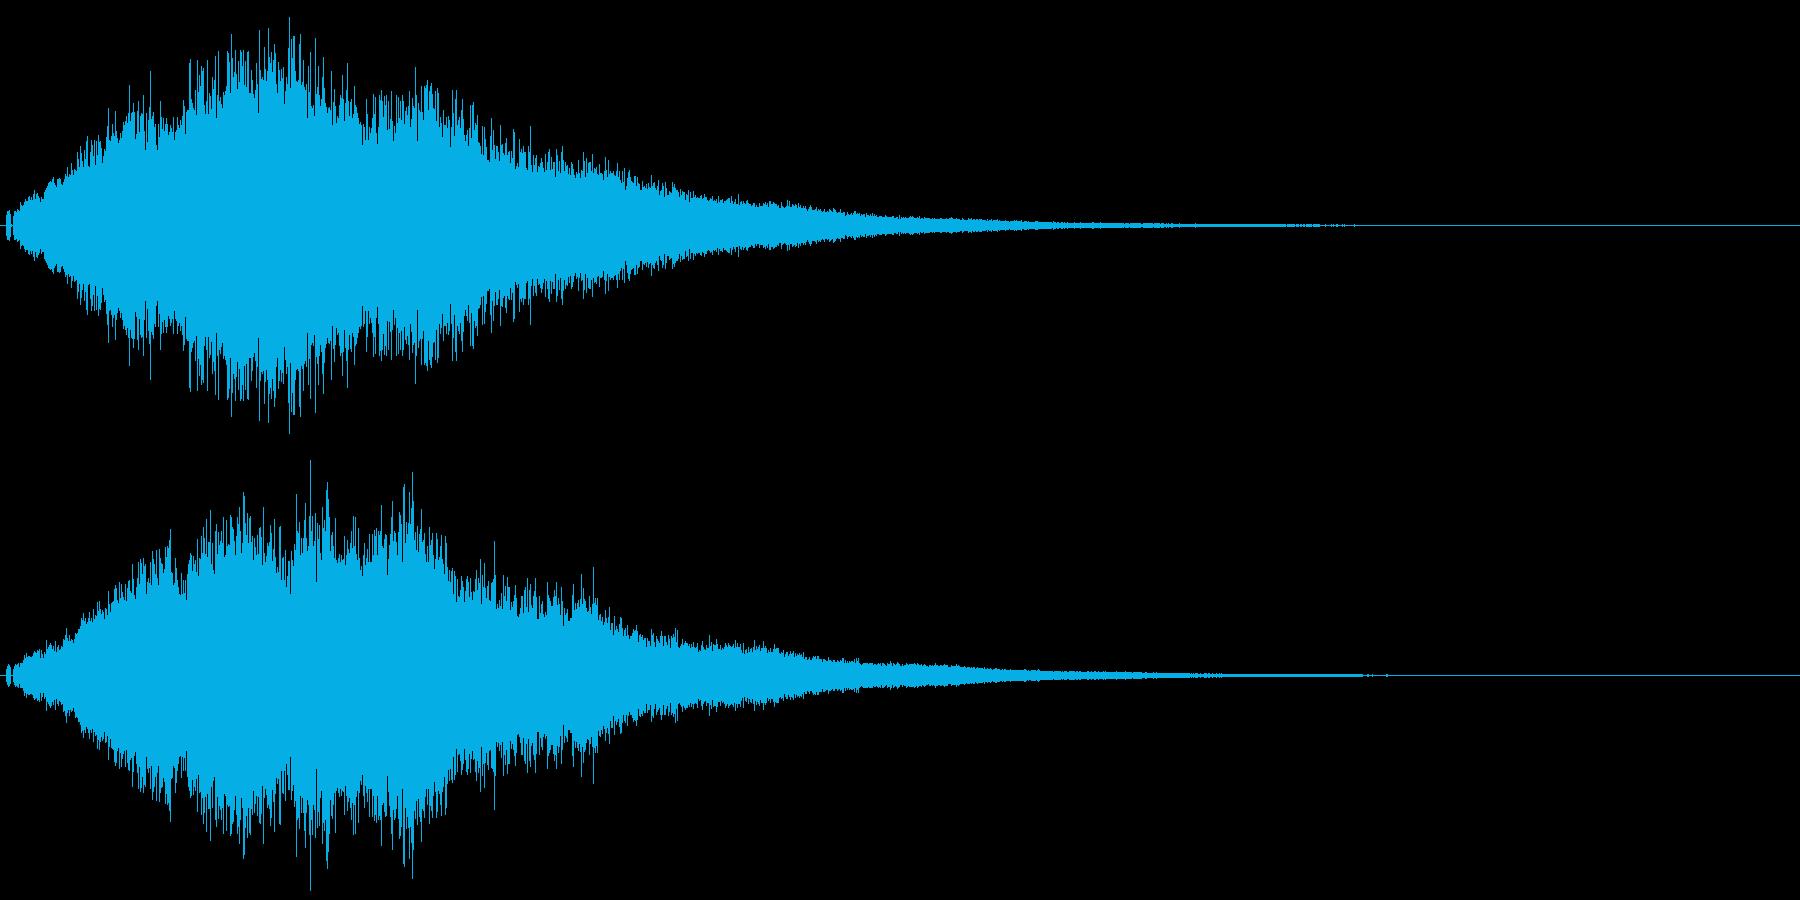 キラキラ/シャキーン!魔法や光に最適1!の再生済みの波形